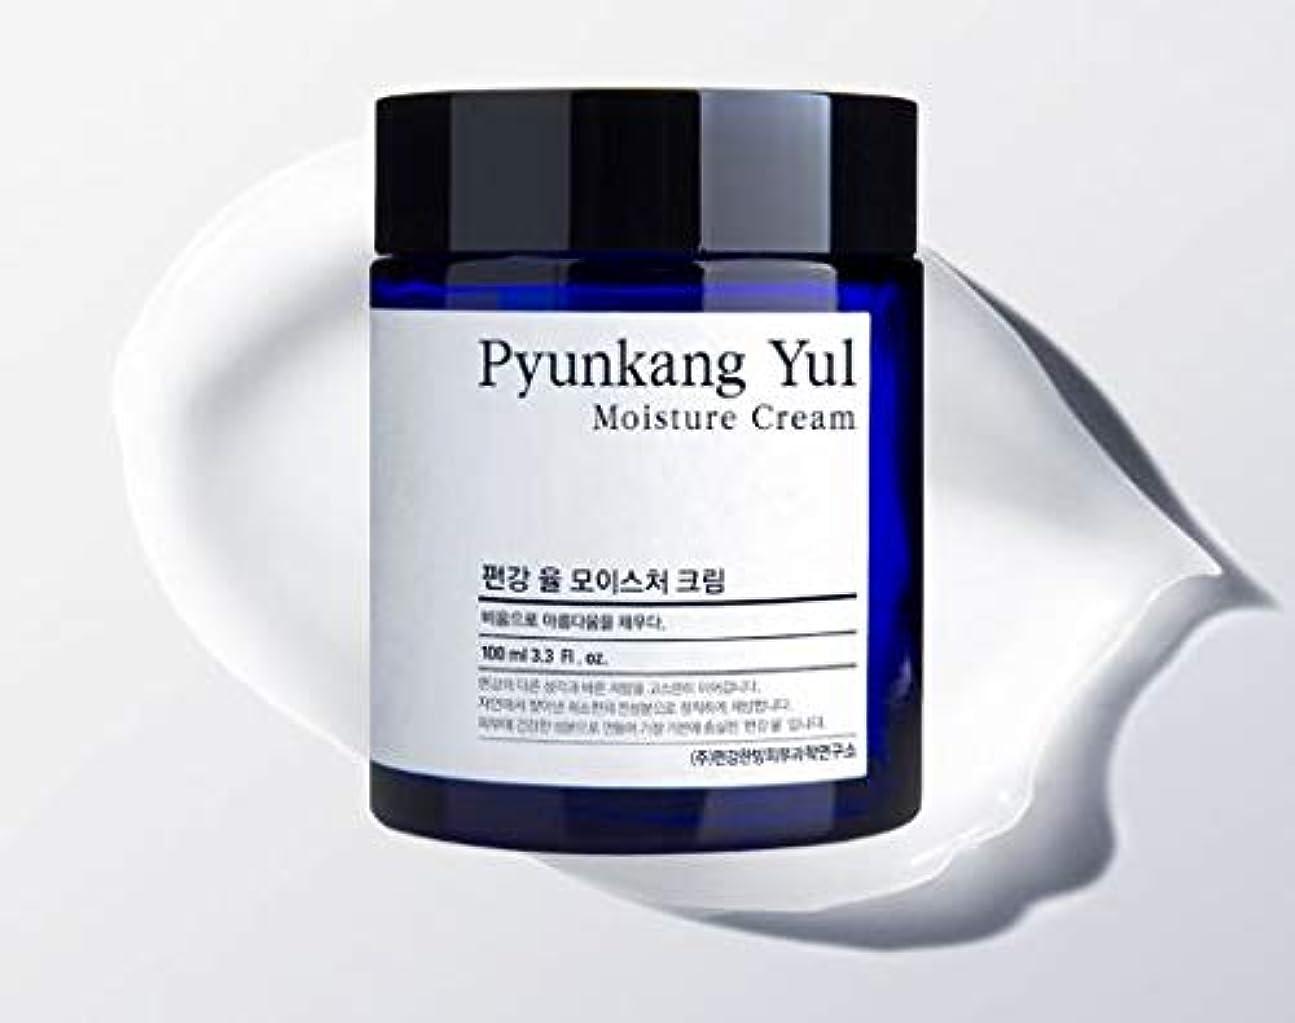 小切手ご注意シンジケート[Pyunkang Yul] Moisture Cream 100ml /モイスチャークリーム 100ml [並行輸入品]